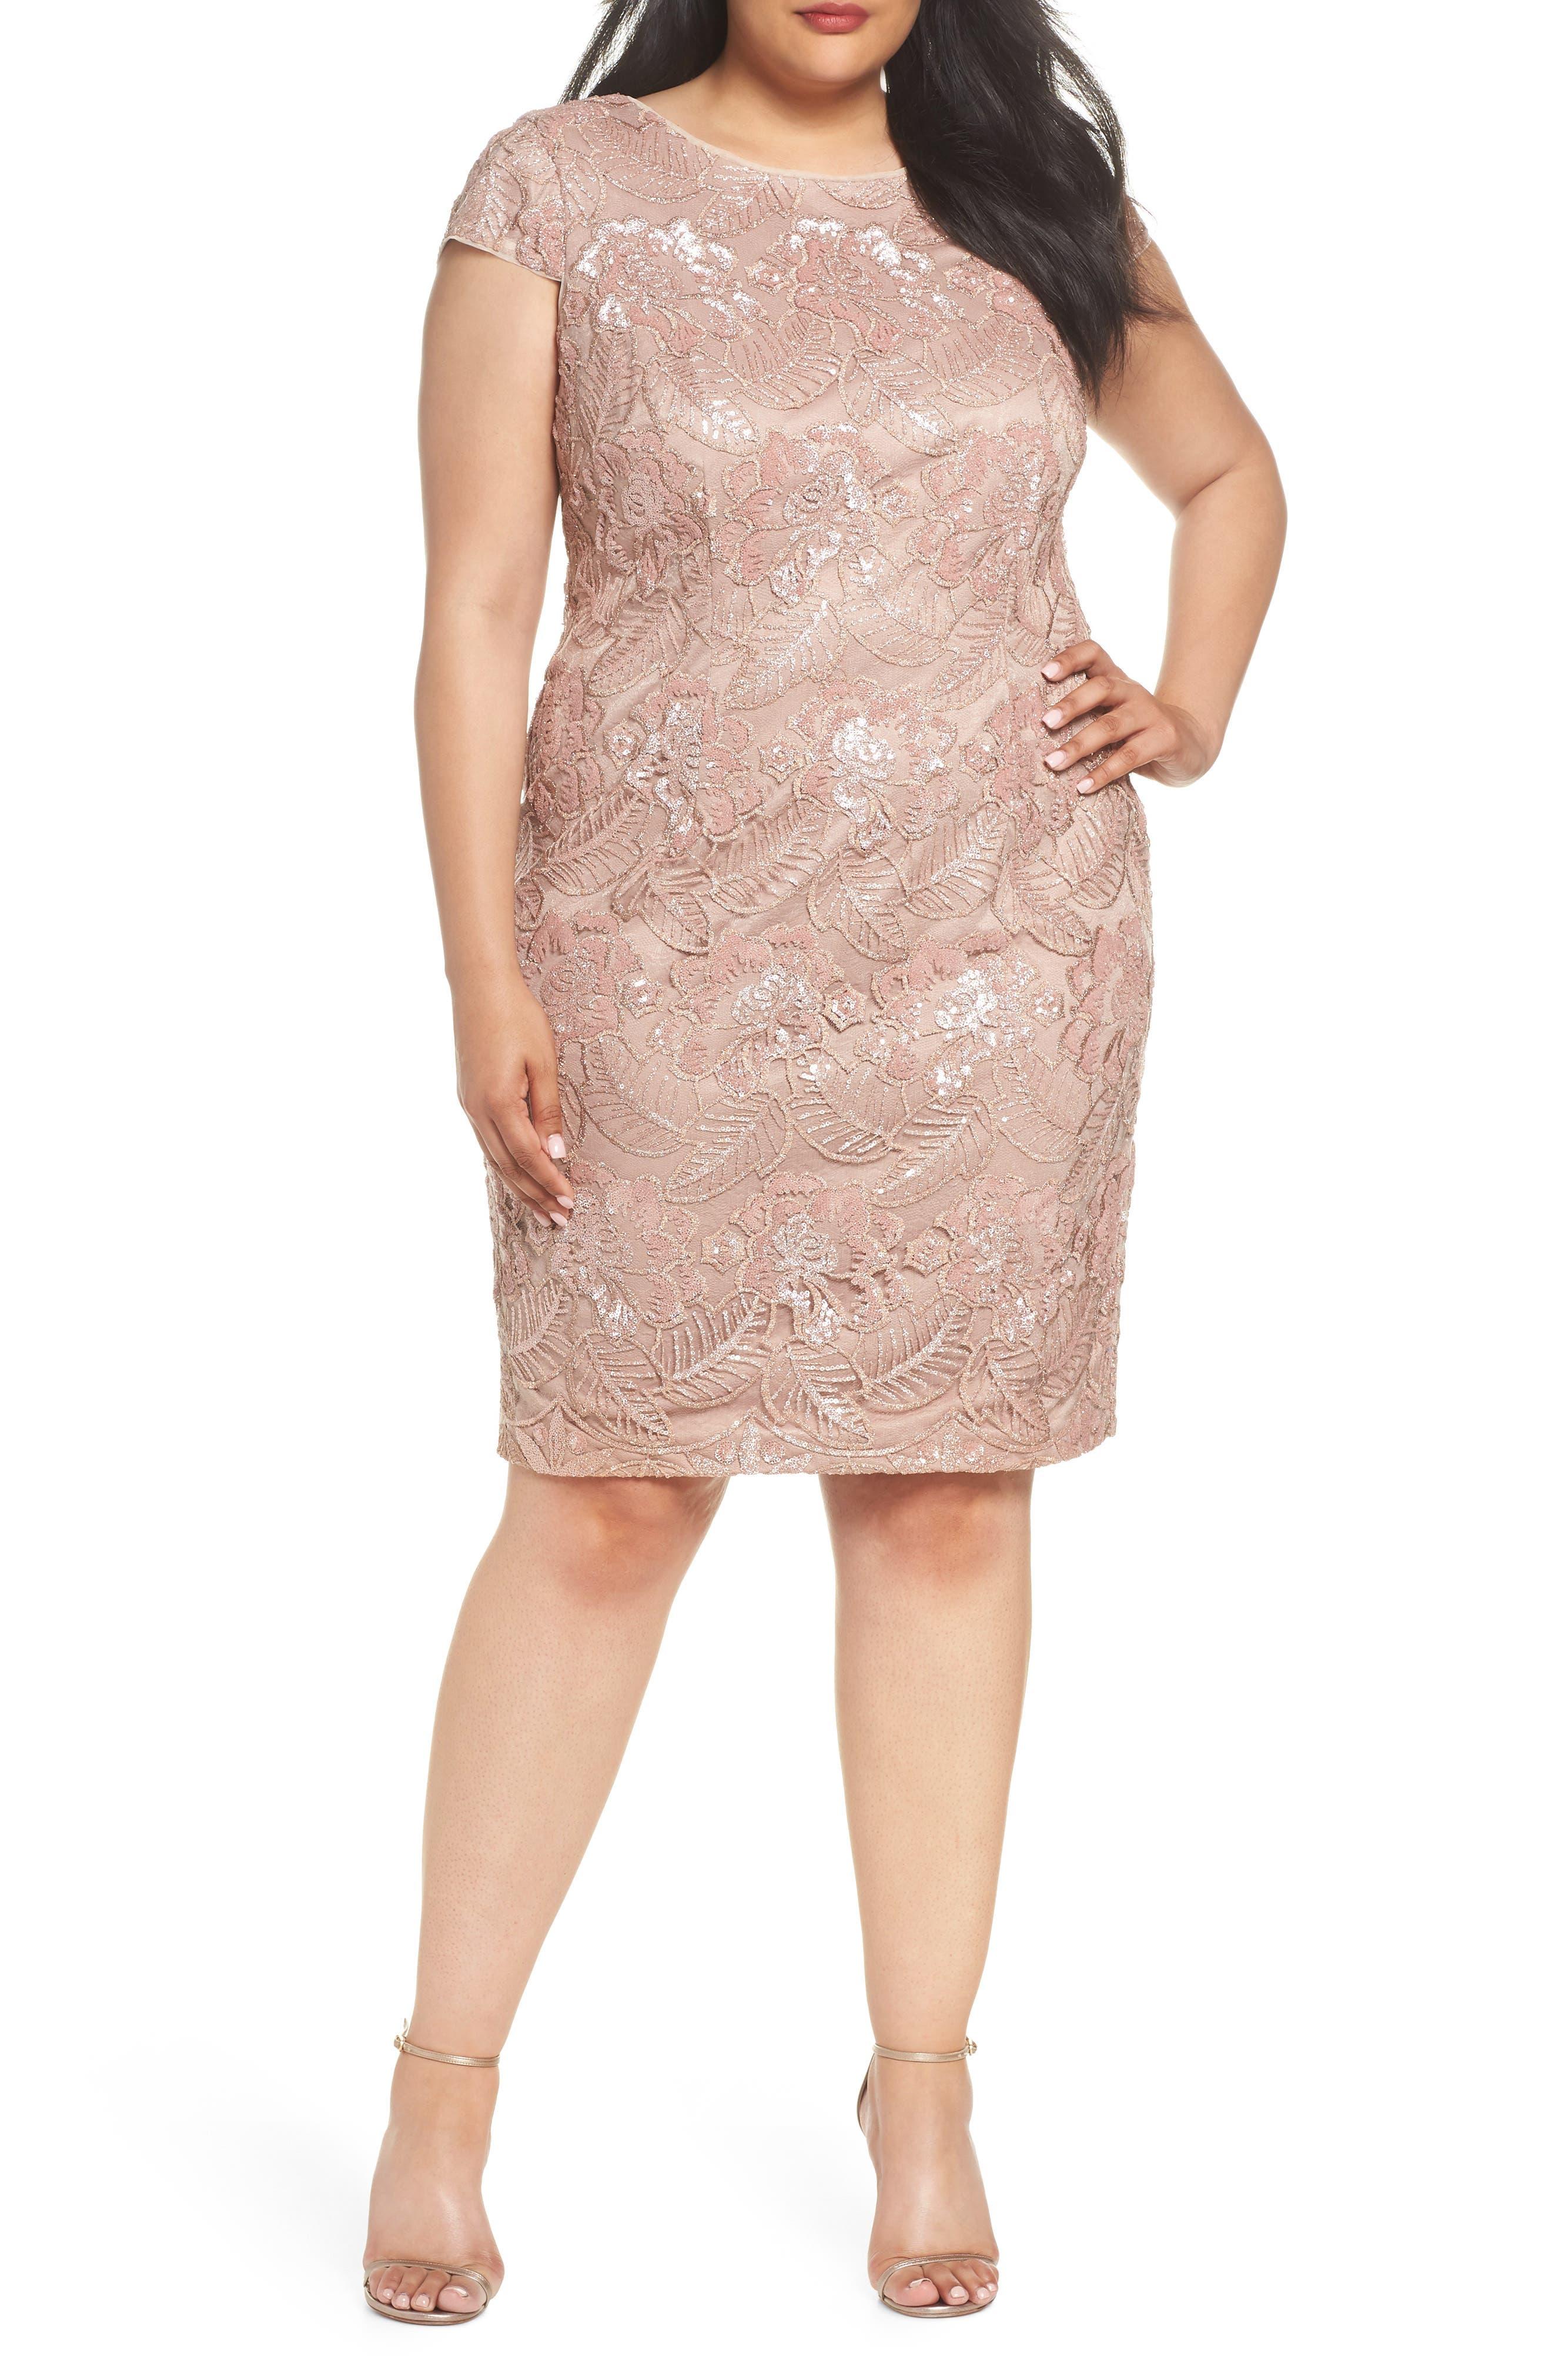 Sequin Lace Cocktail Dress,                         Main,                         color, 655